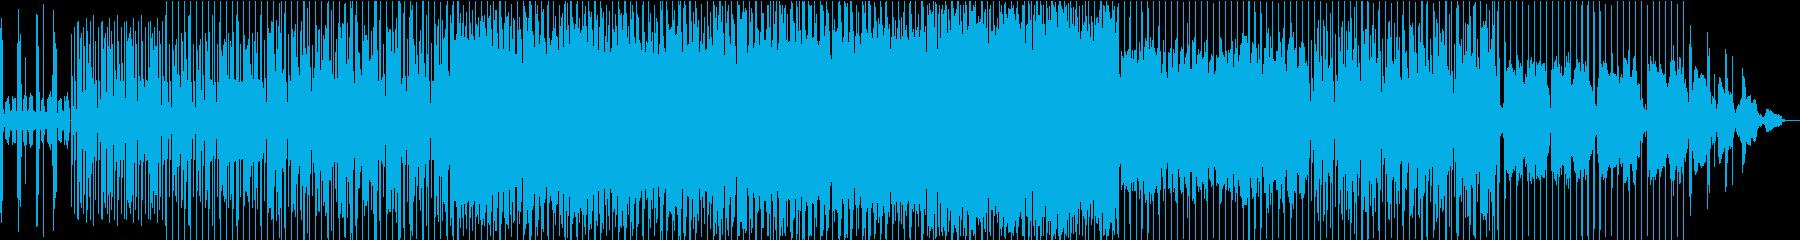 グルーヴをきかせたクールなサウンドの再生済みの波形